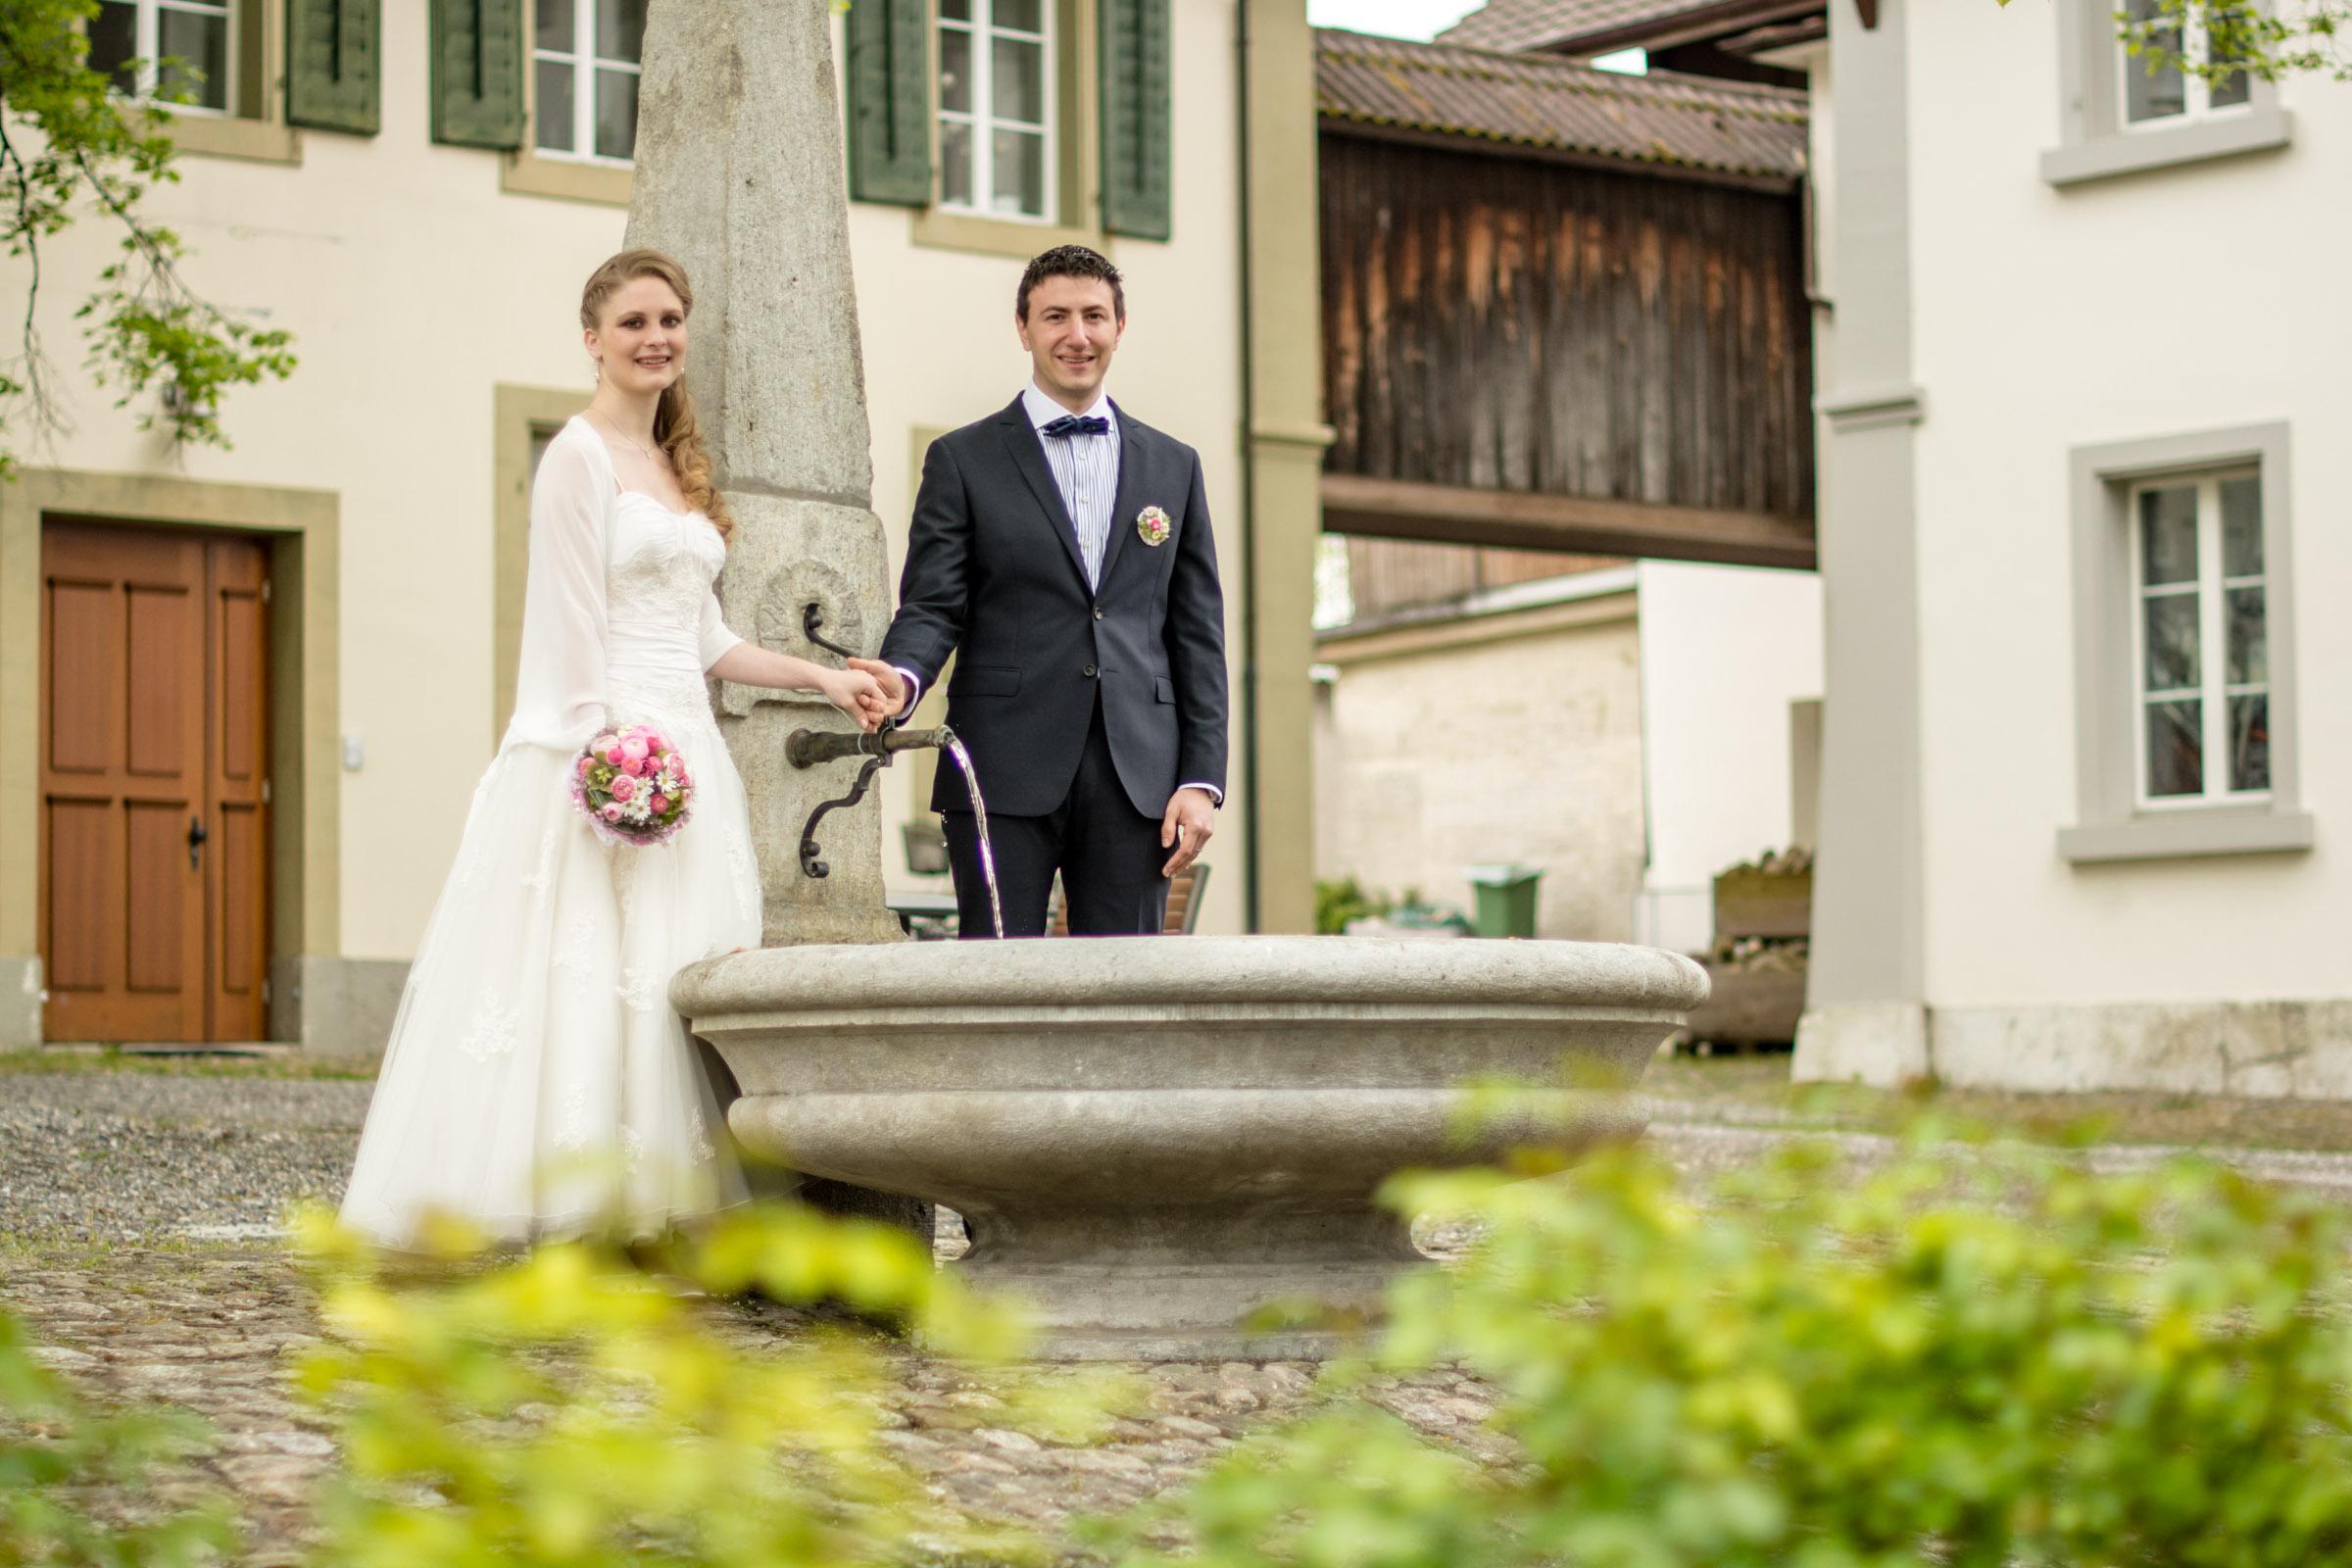 20140426 Hochzeit_Bassi Maria Claudio 075